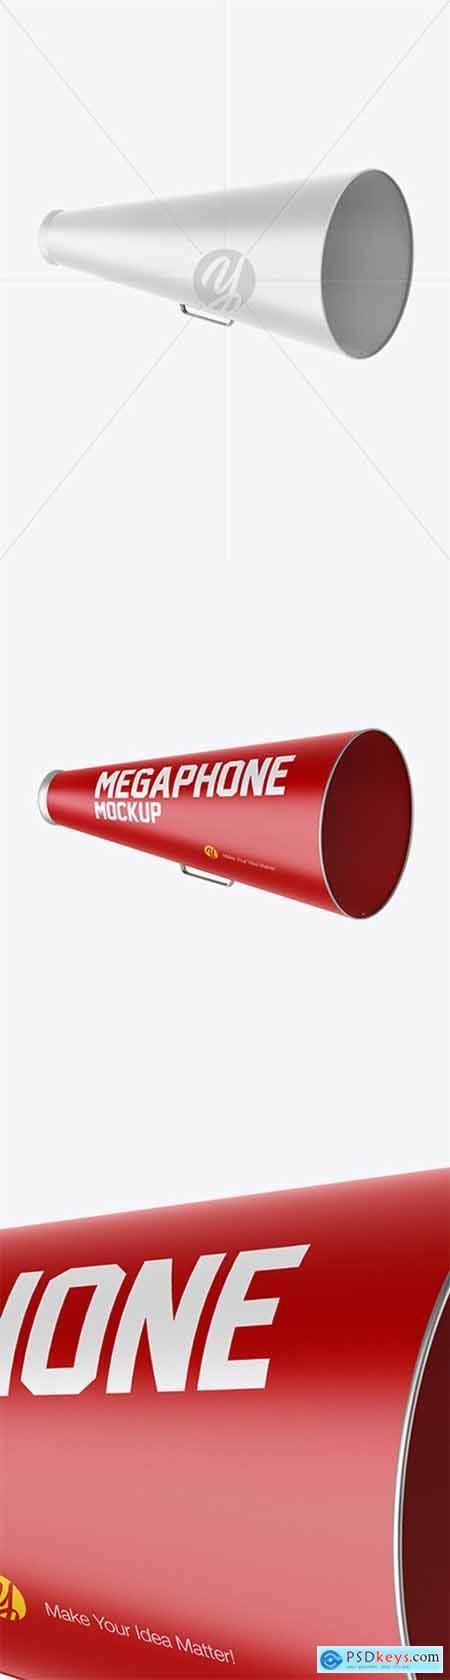 Megaphone Mockup 51777